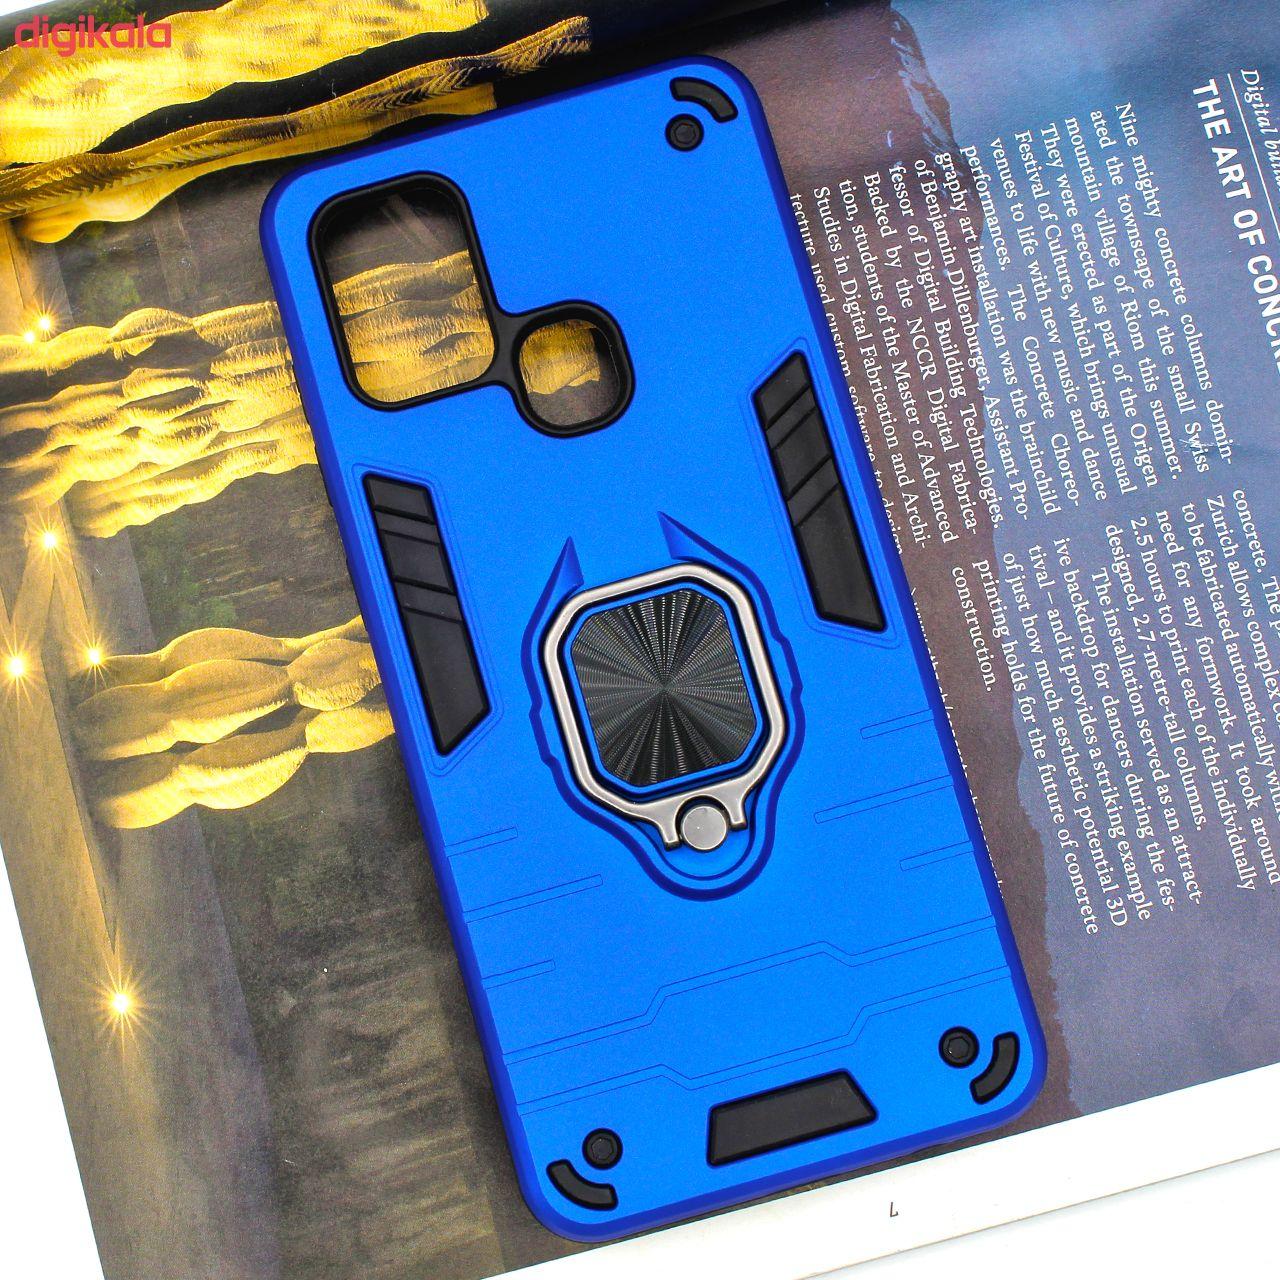 کاور کینگ پاور مدل ASH22 مناسب برای گوشی موبایل سامسونگ Galaxy A21S main 1 5